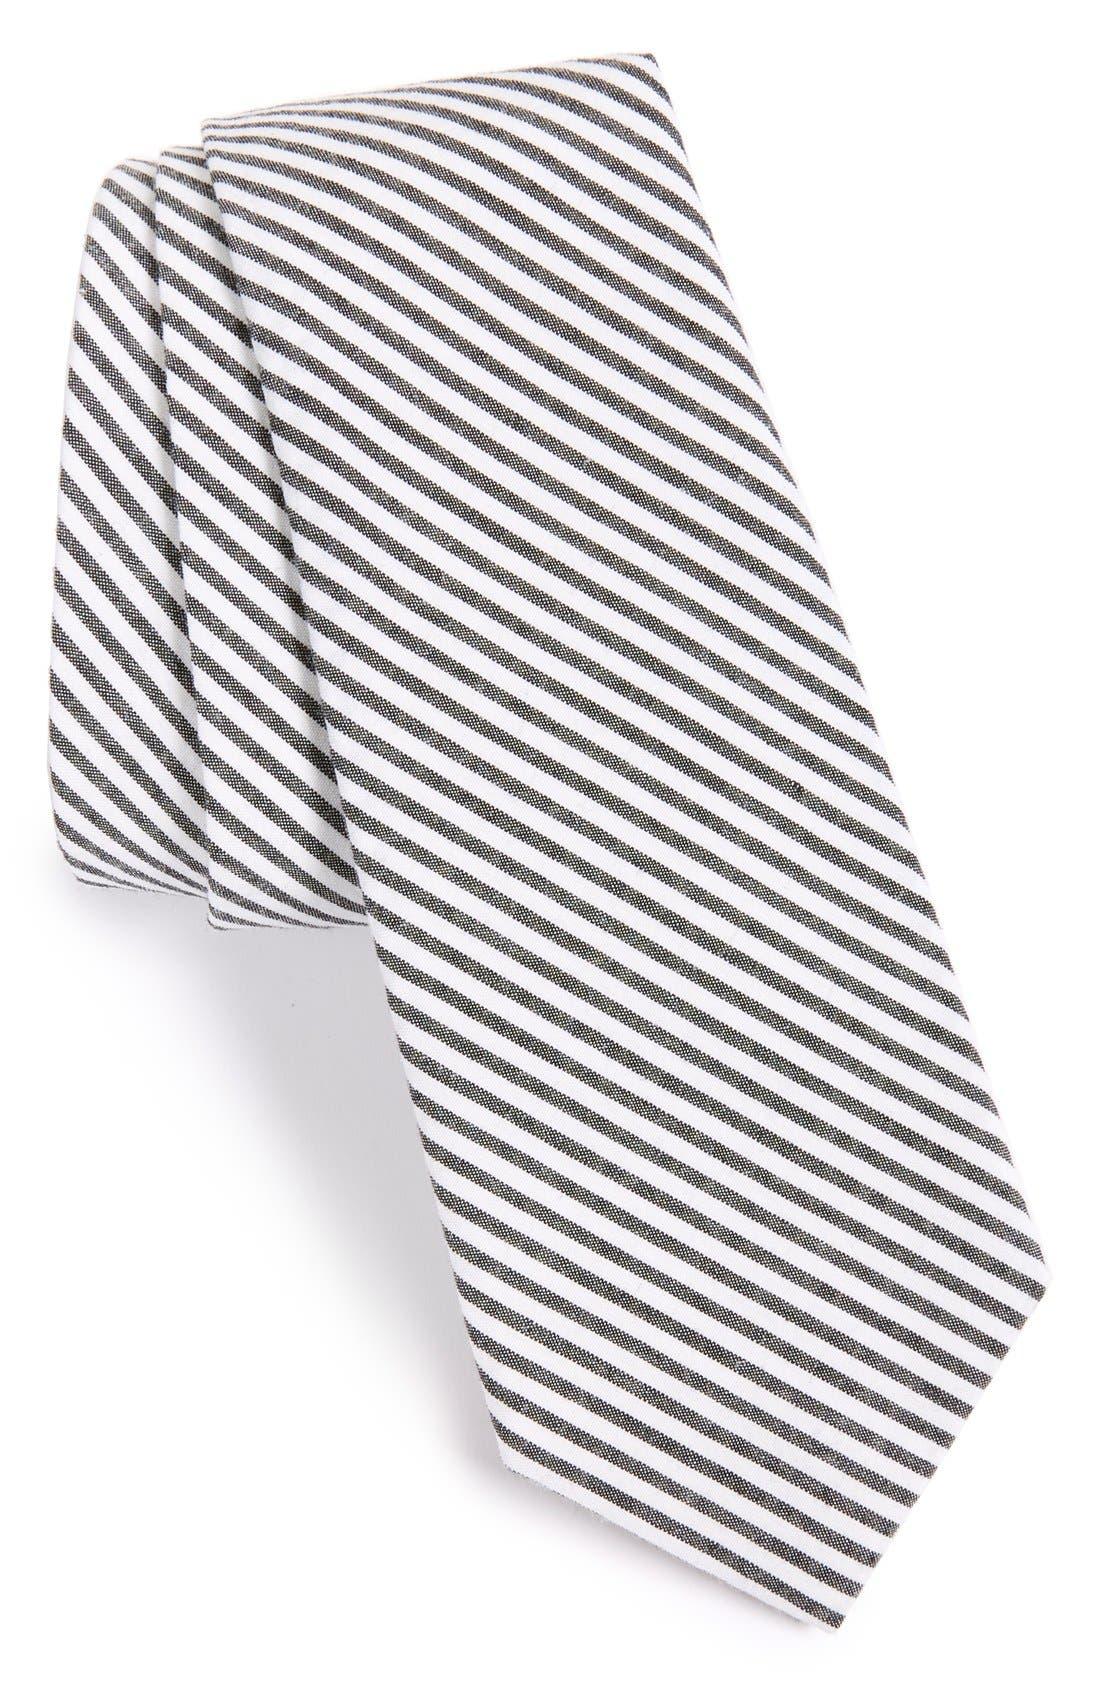 Seersucker Tie,                             Main thumbnail 1, color,                             006